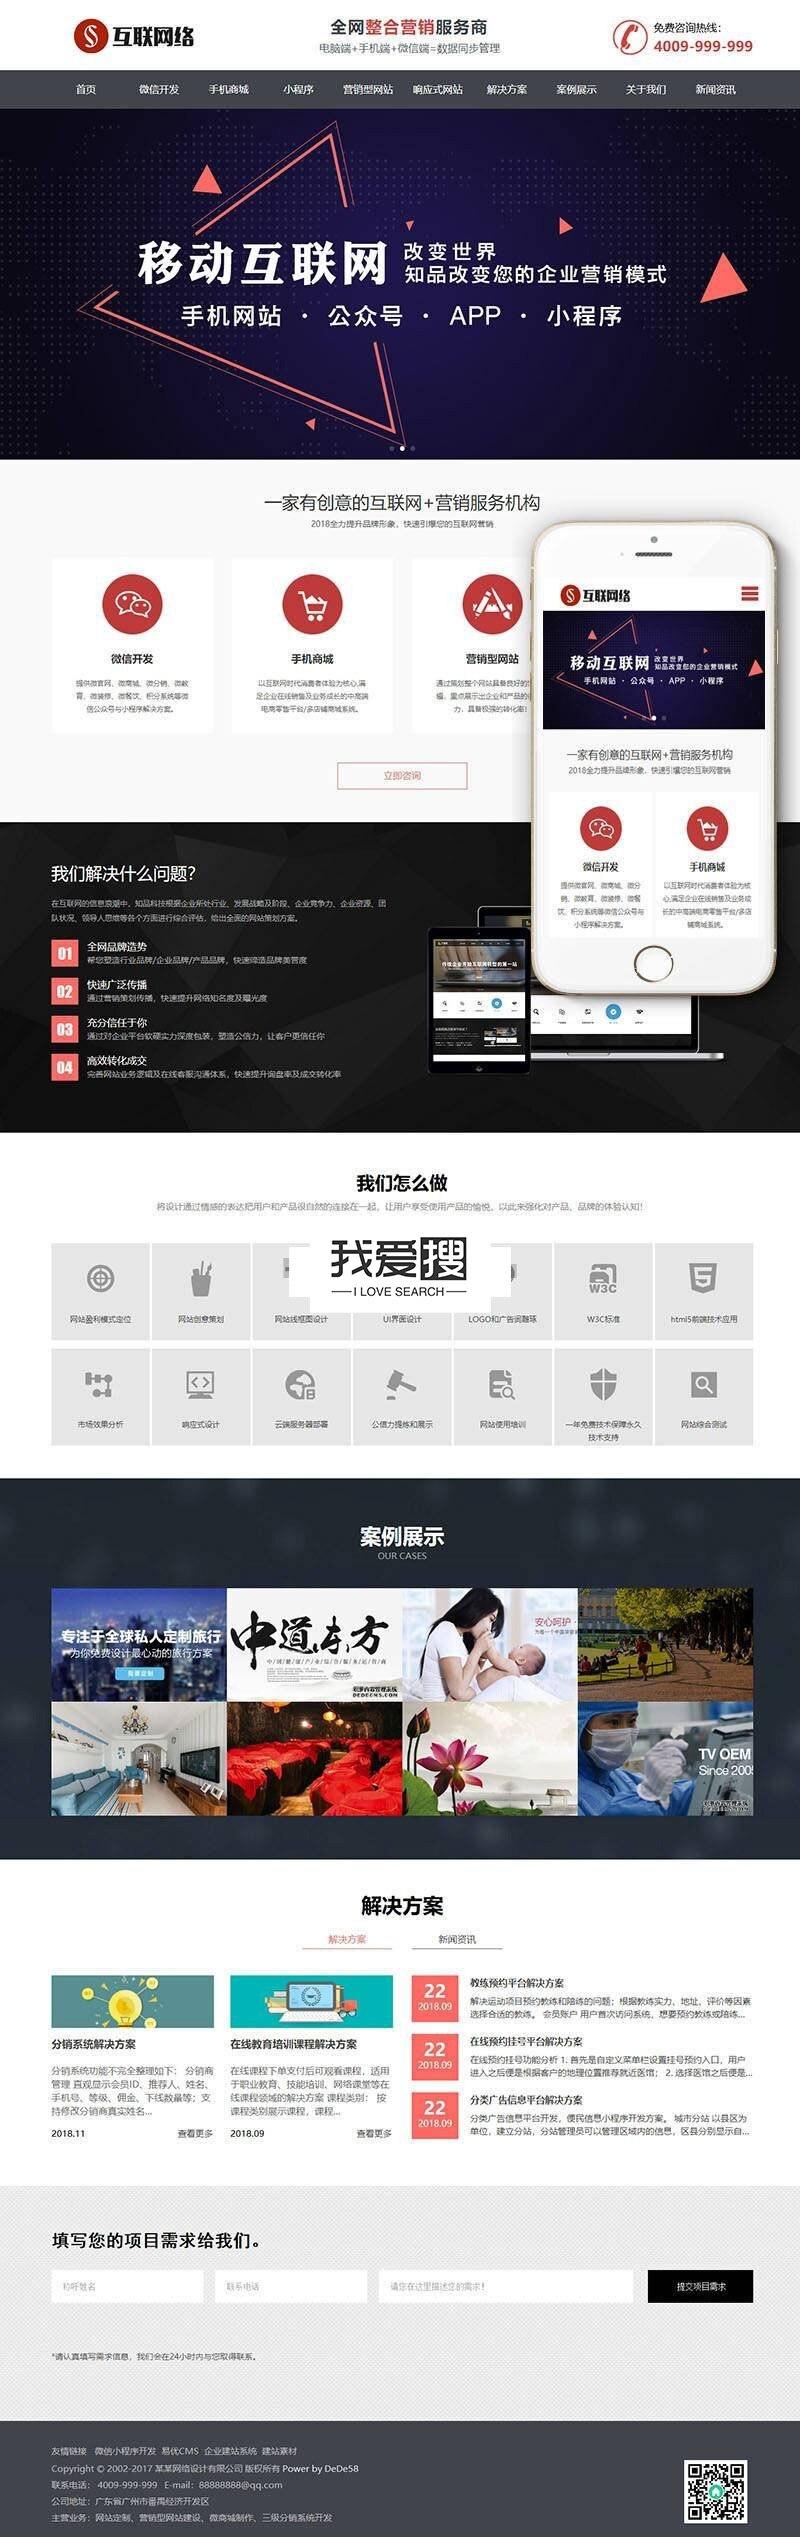 响应式互联网营销网站建设公司网站模板(自适应手机移动端)